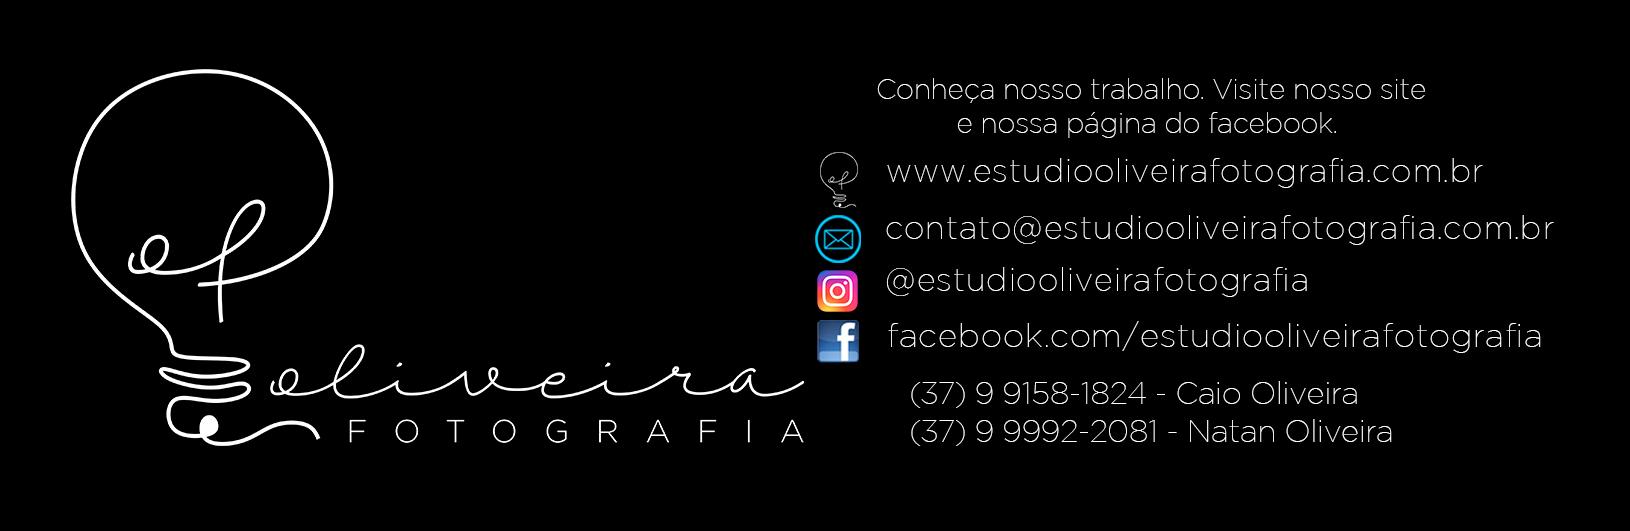 Contate Estúdio Oliveira Fotografia